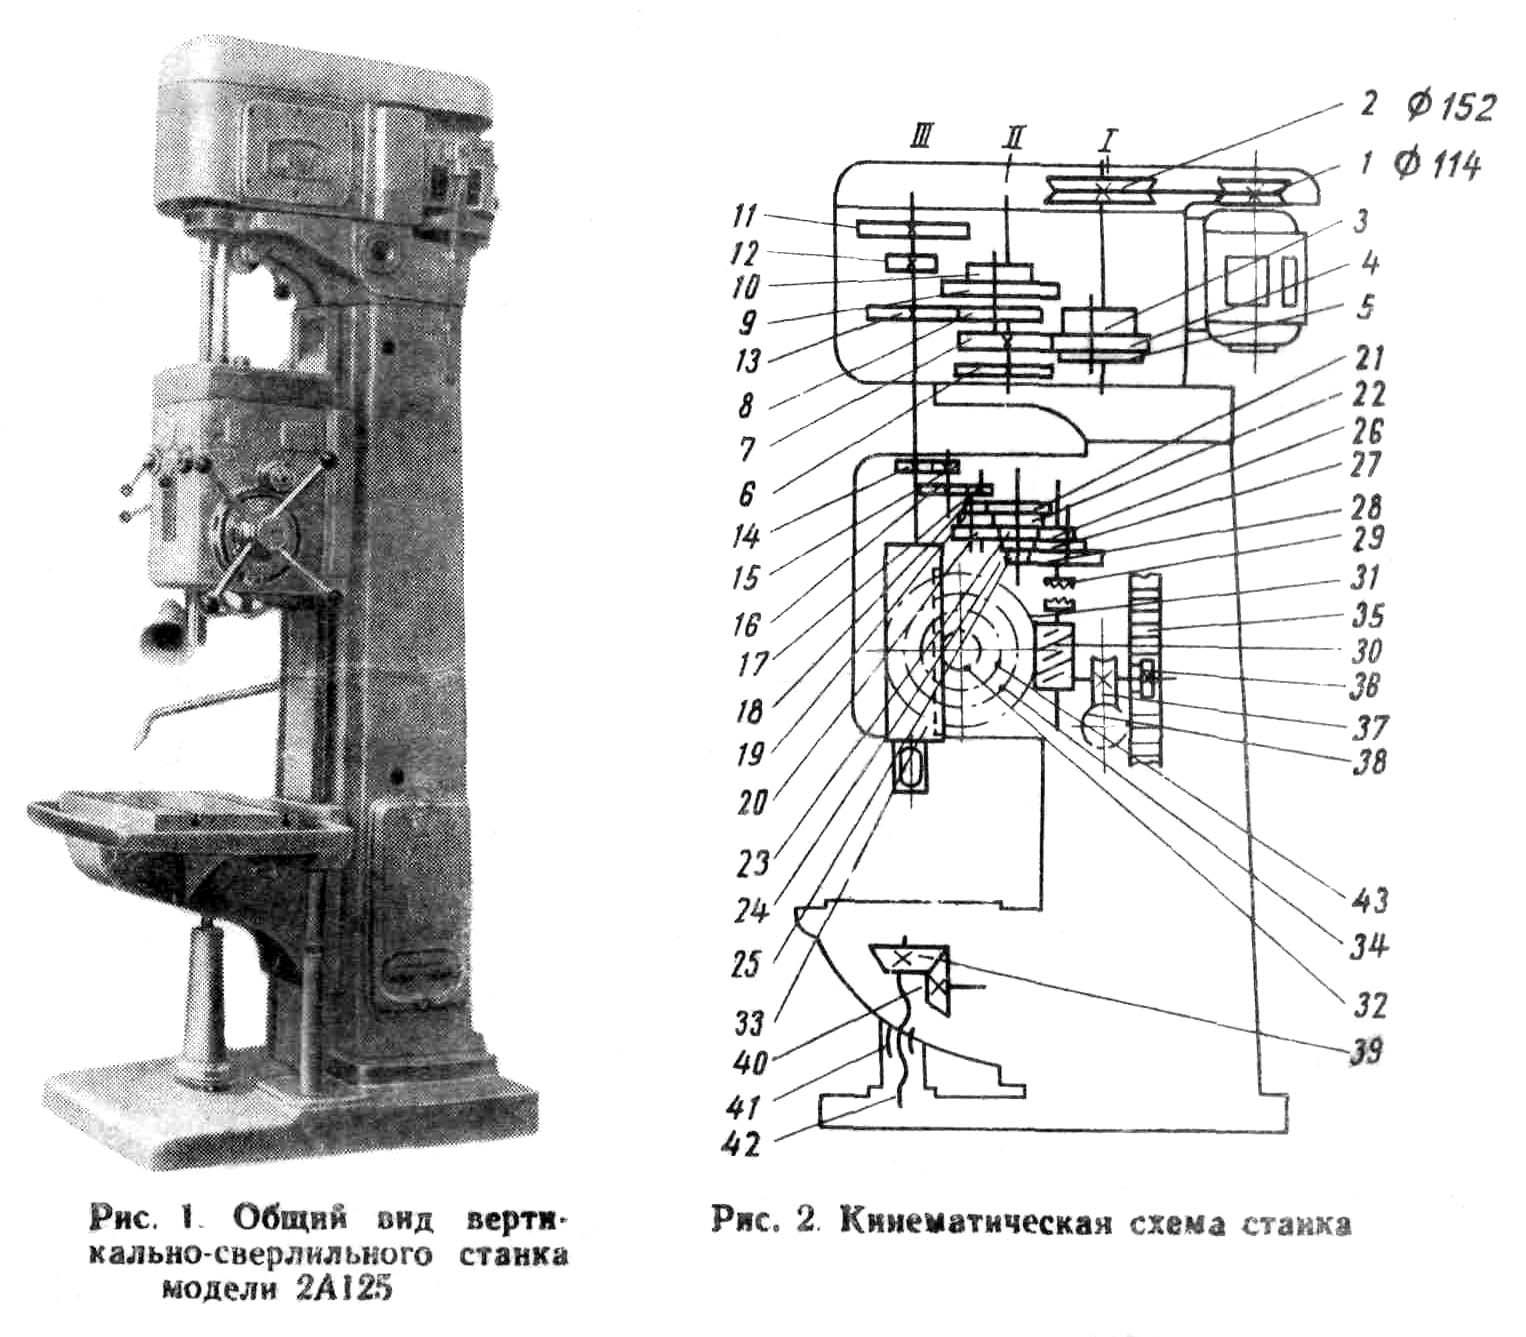 Технические характеристики вертикально сверлильного станка 2н135